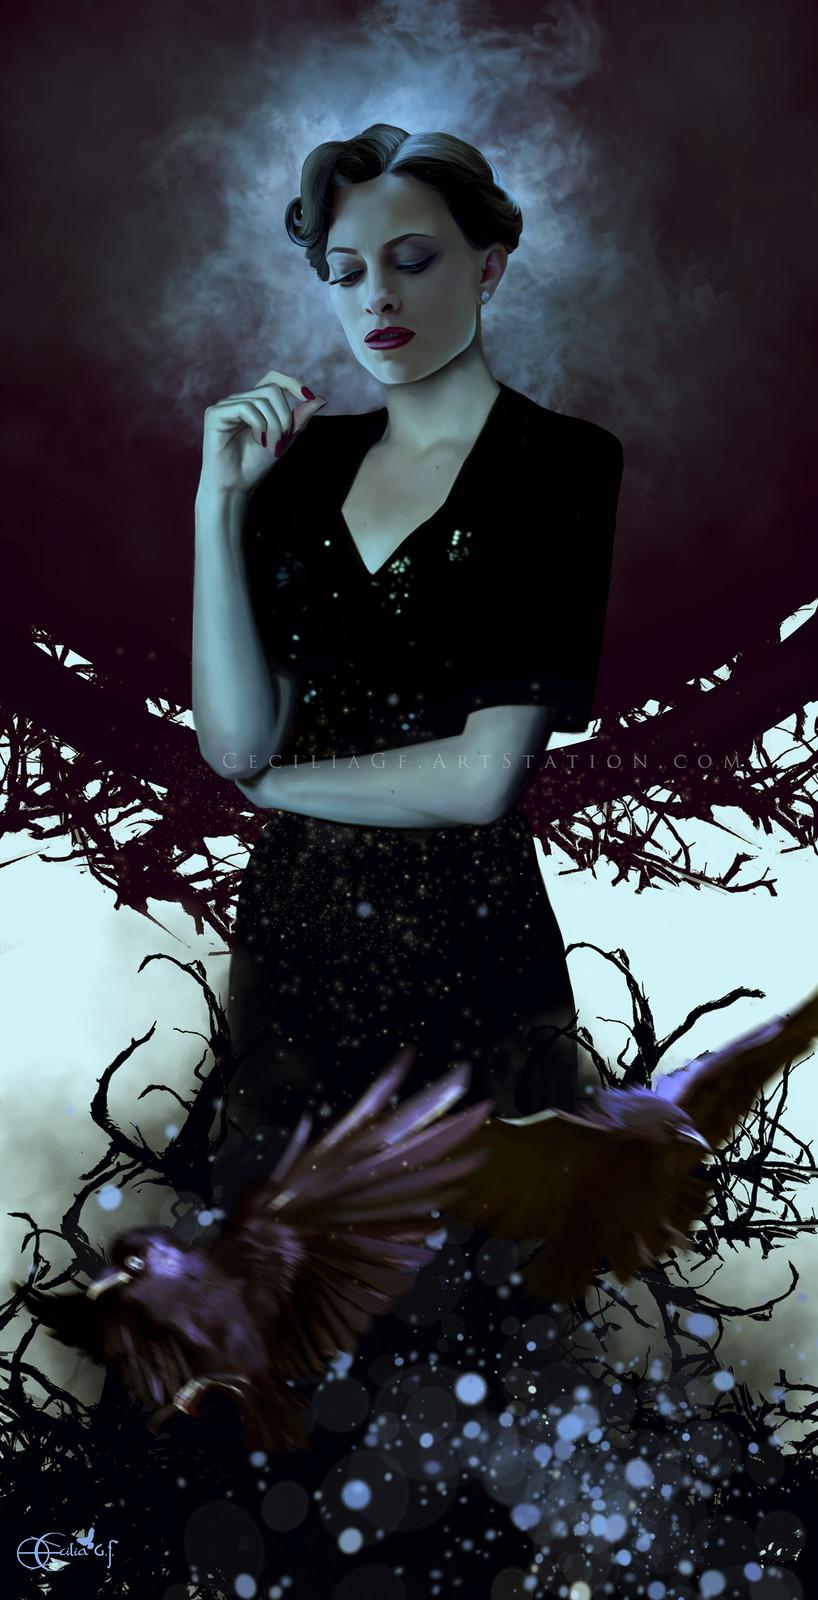 Irene Adler